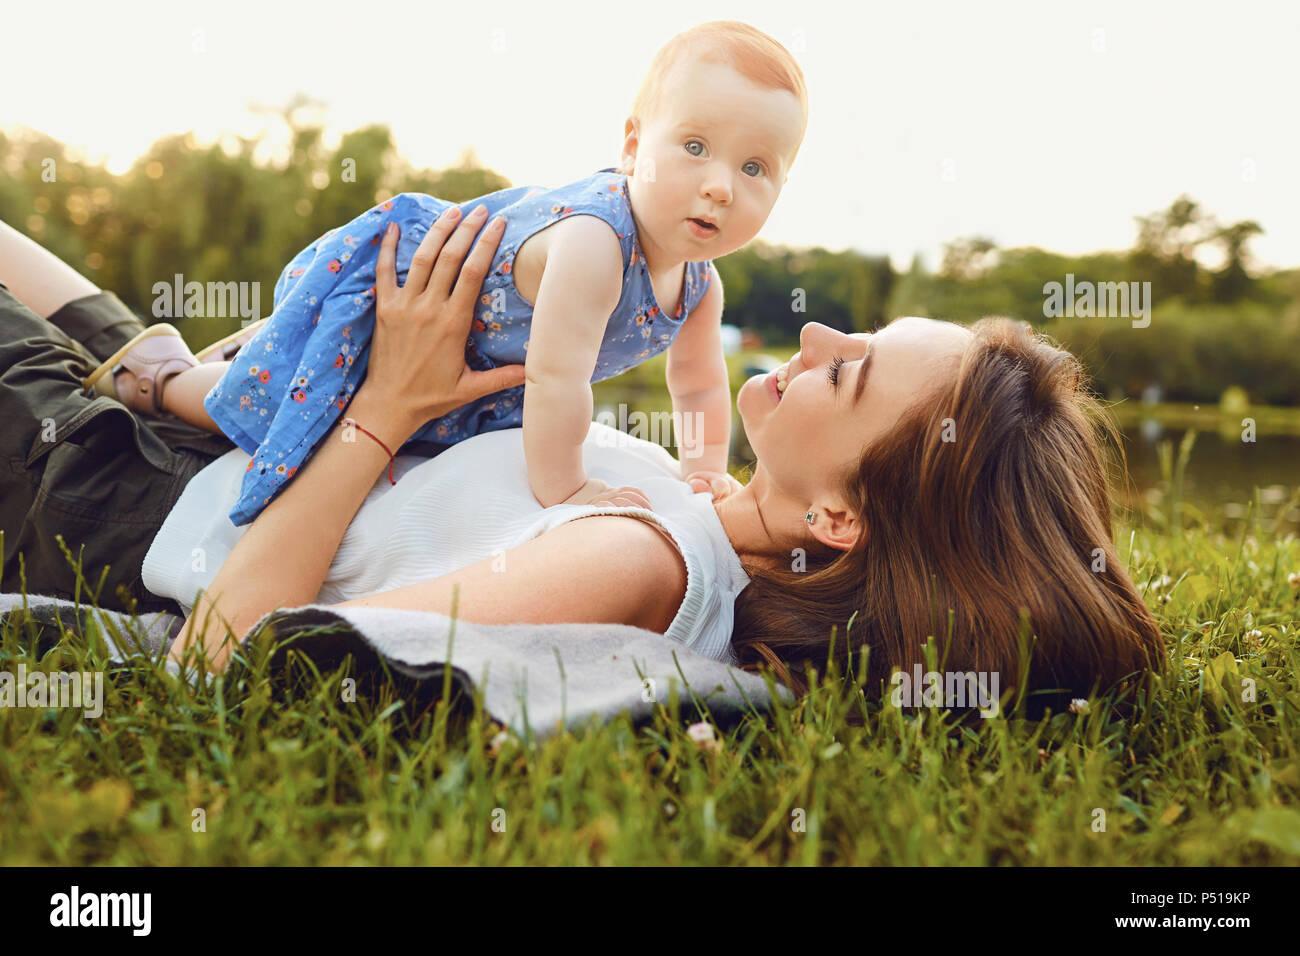 La madre y el bebé jugando sobre hierba en el parque. Imagen De Stock